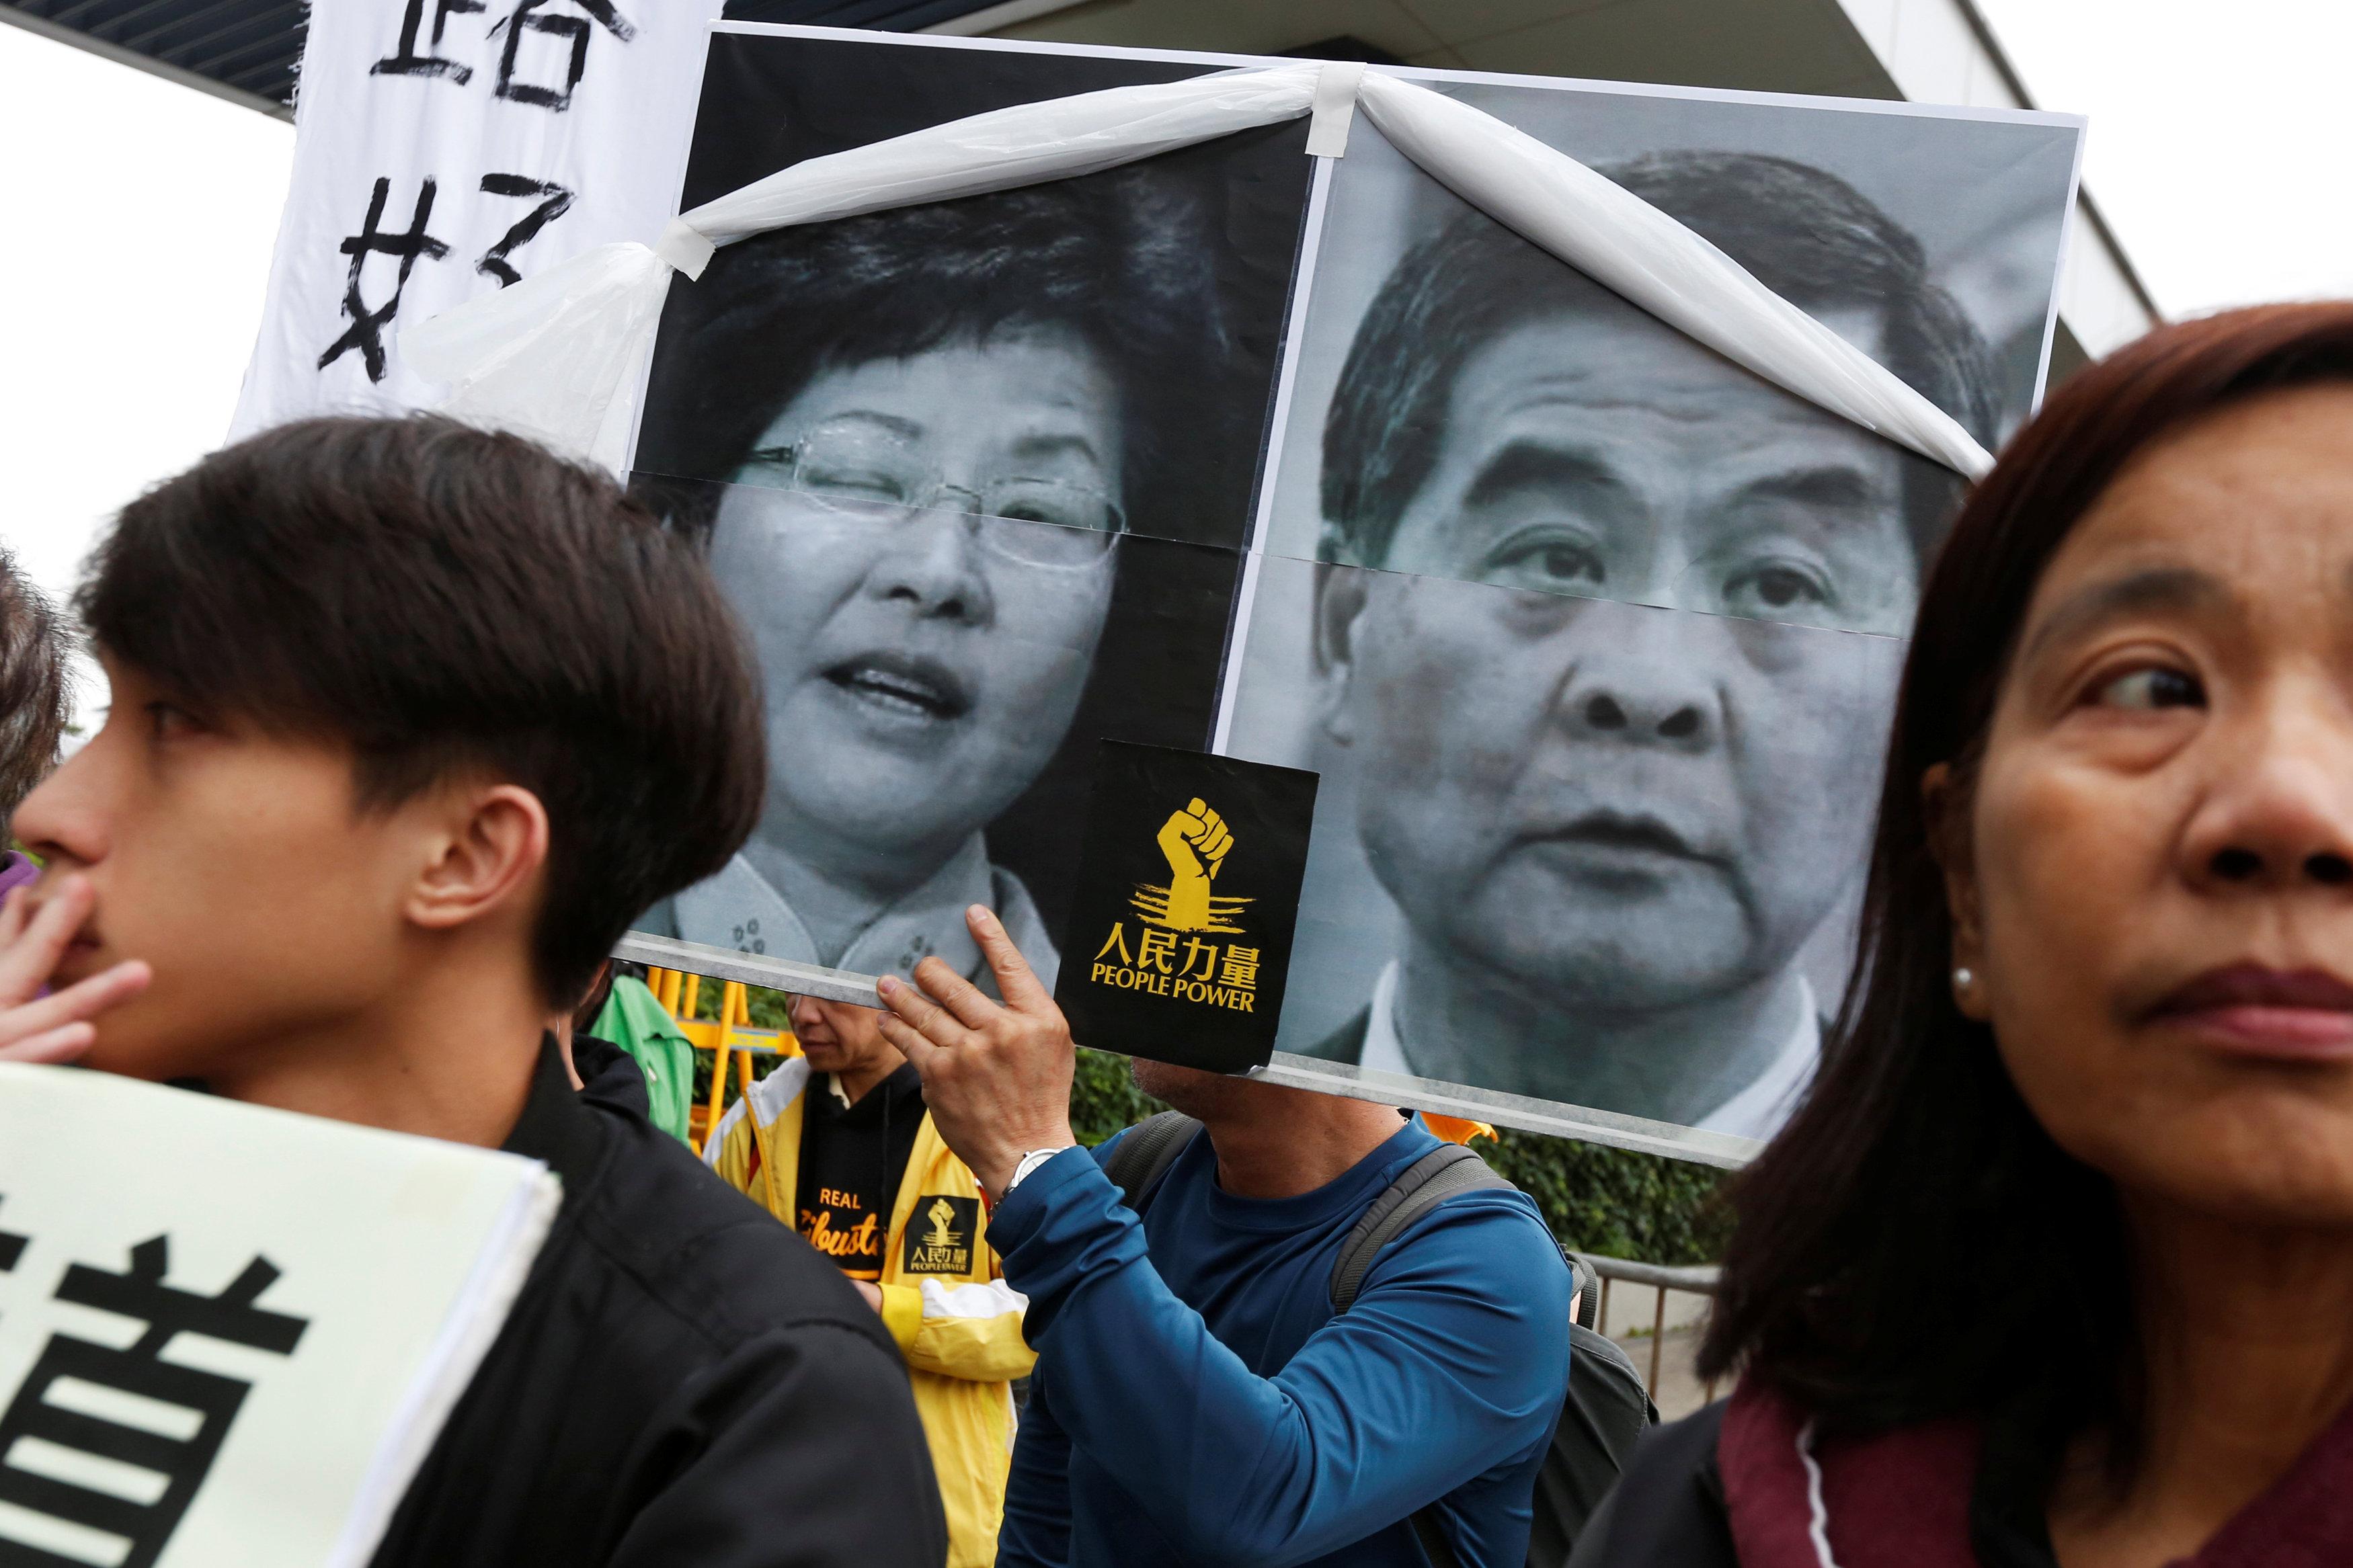 兩人都是好領袖? 圖片來源:路透社